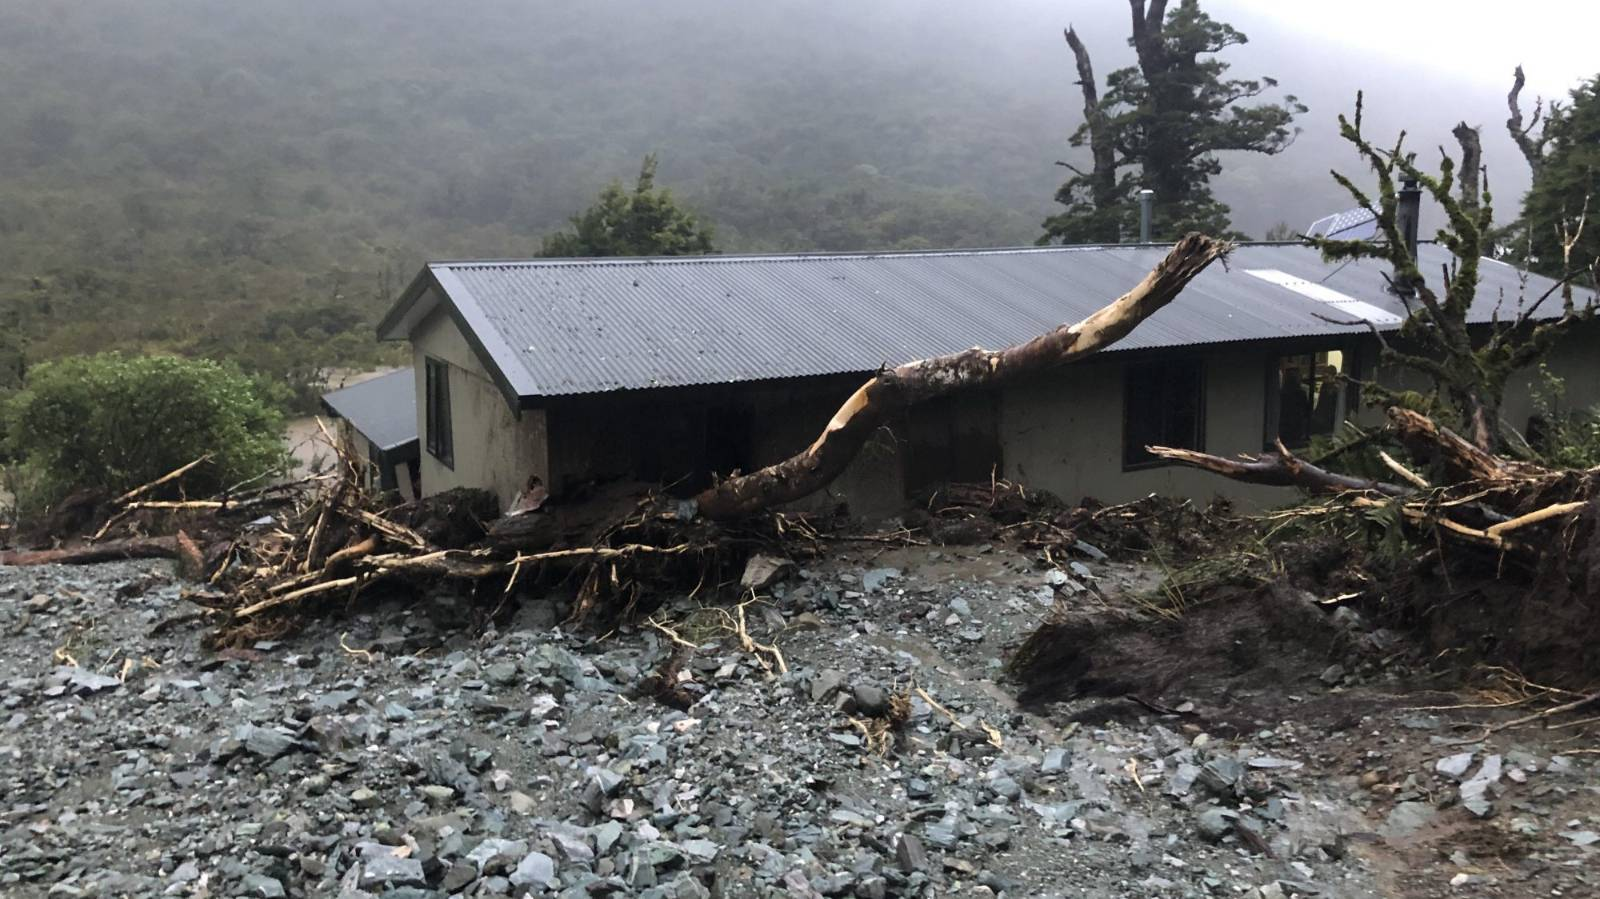 No rebuild for Routeburn Track hut